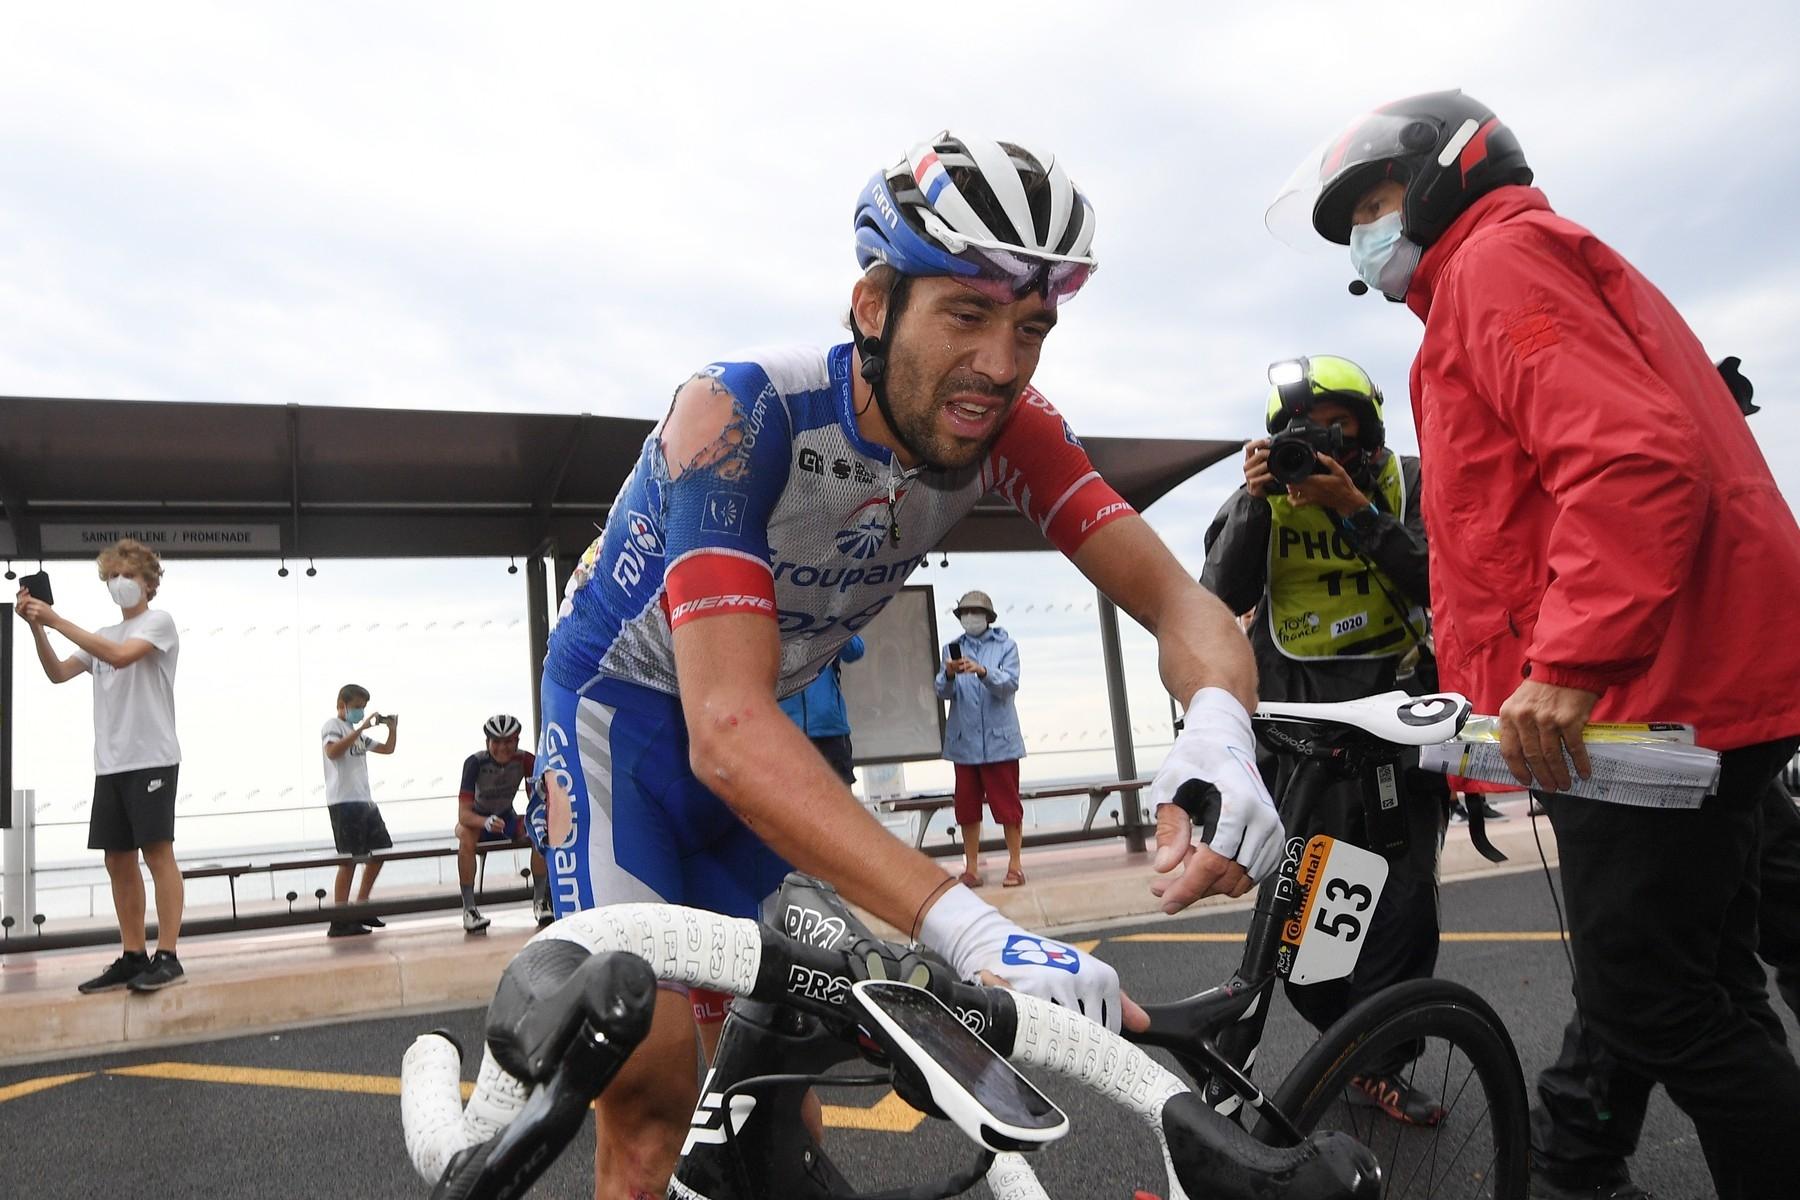 Frustrovaný Thibaut Pinot. K zemi šel hned první den Tour de France. Sedřel si záda, nohu a rameno. A těžce poranil záda. Foto: profimedia